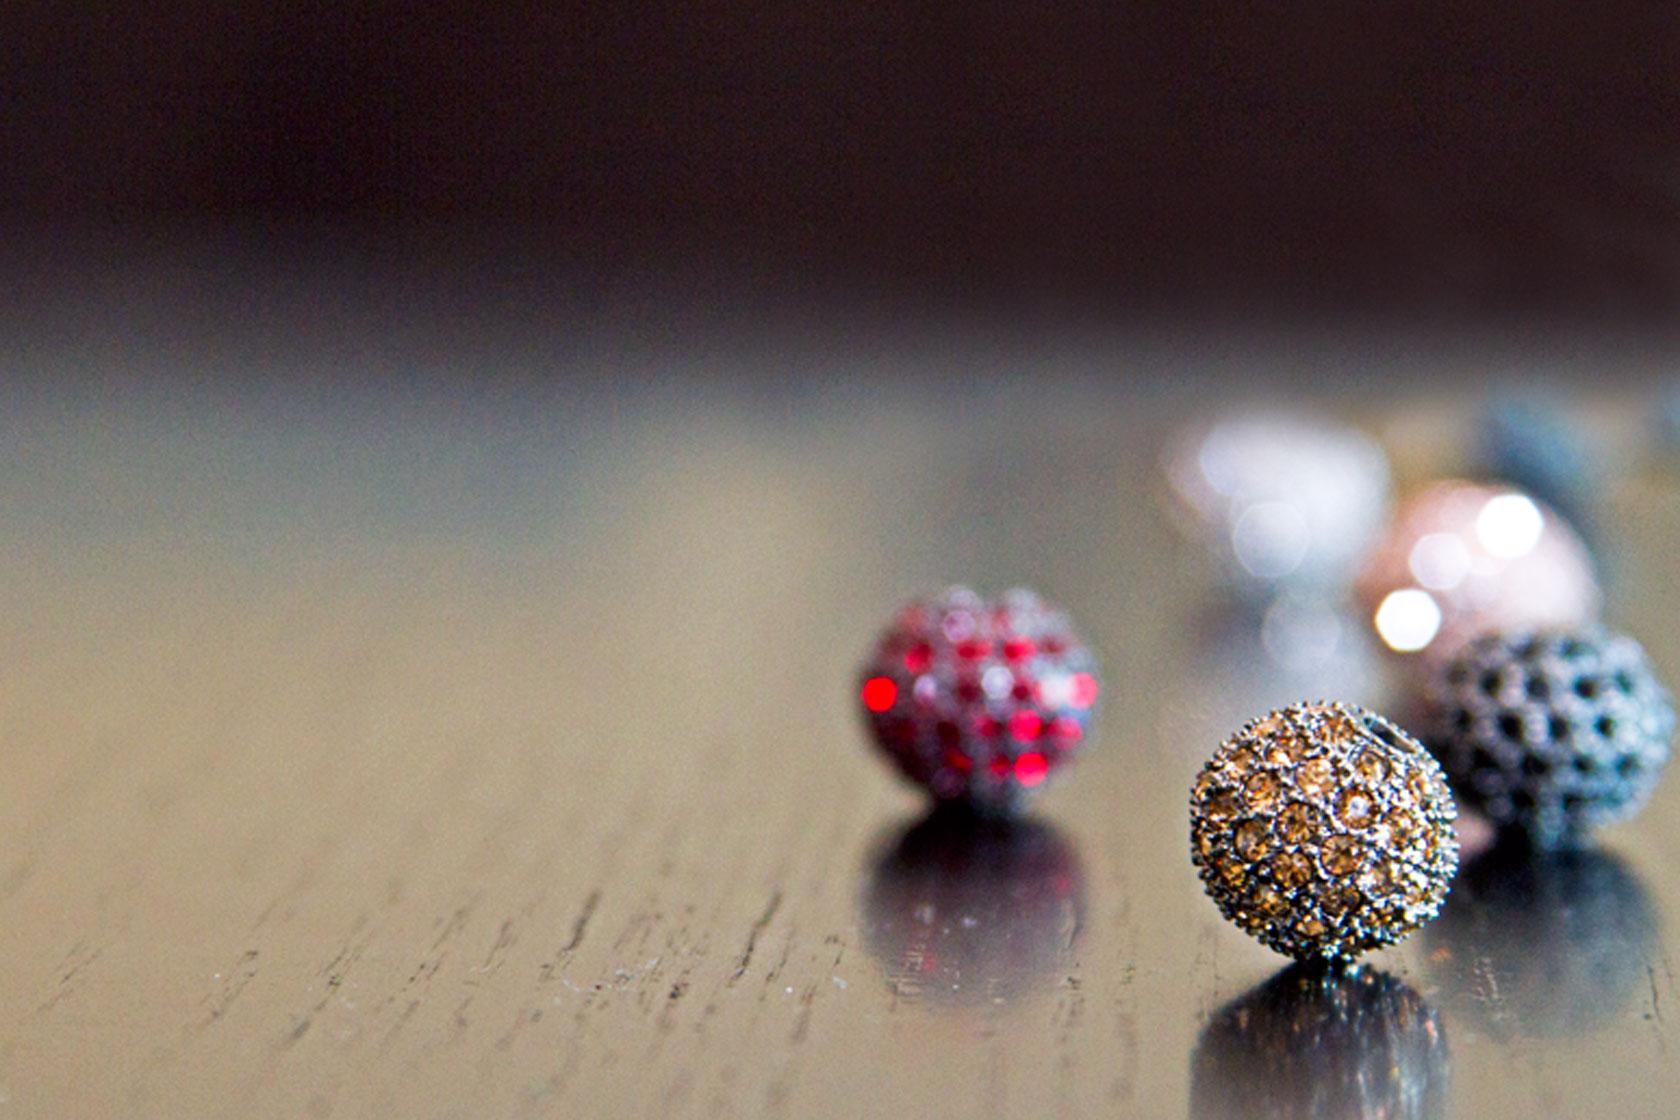 Lu'joyas Jewelry Co.